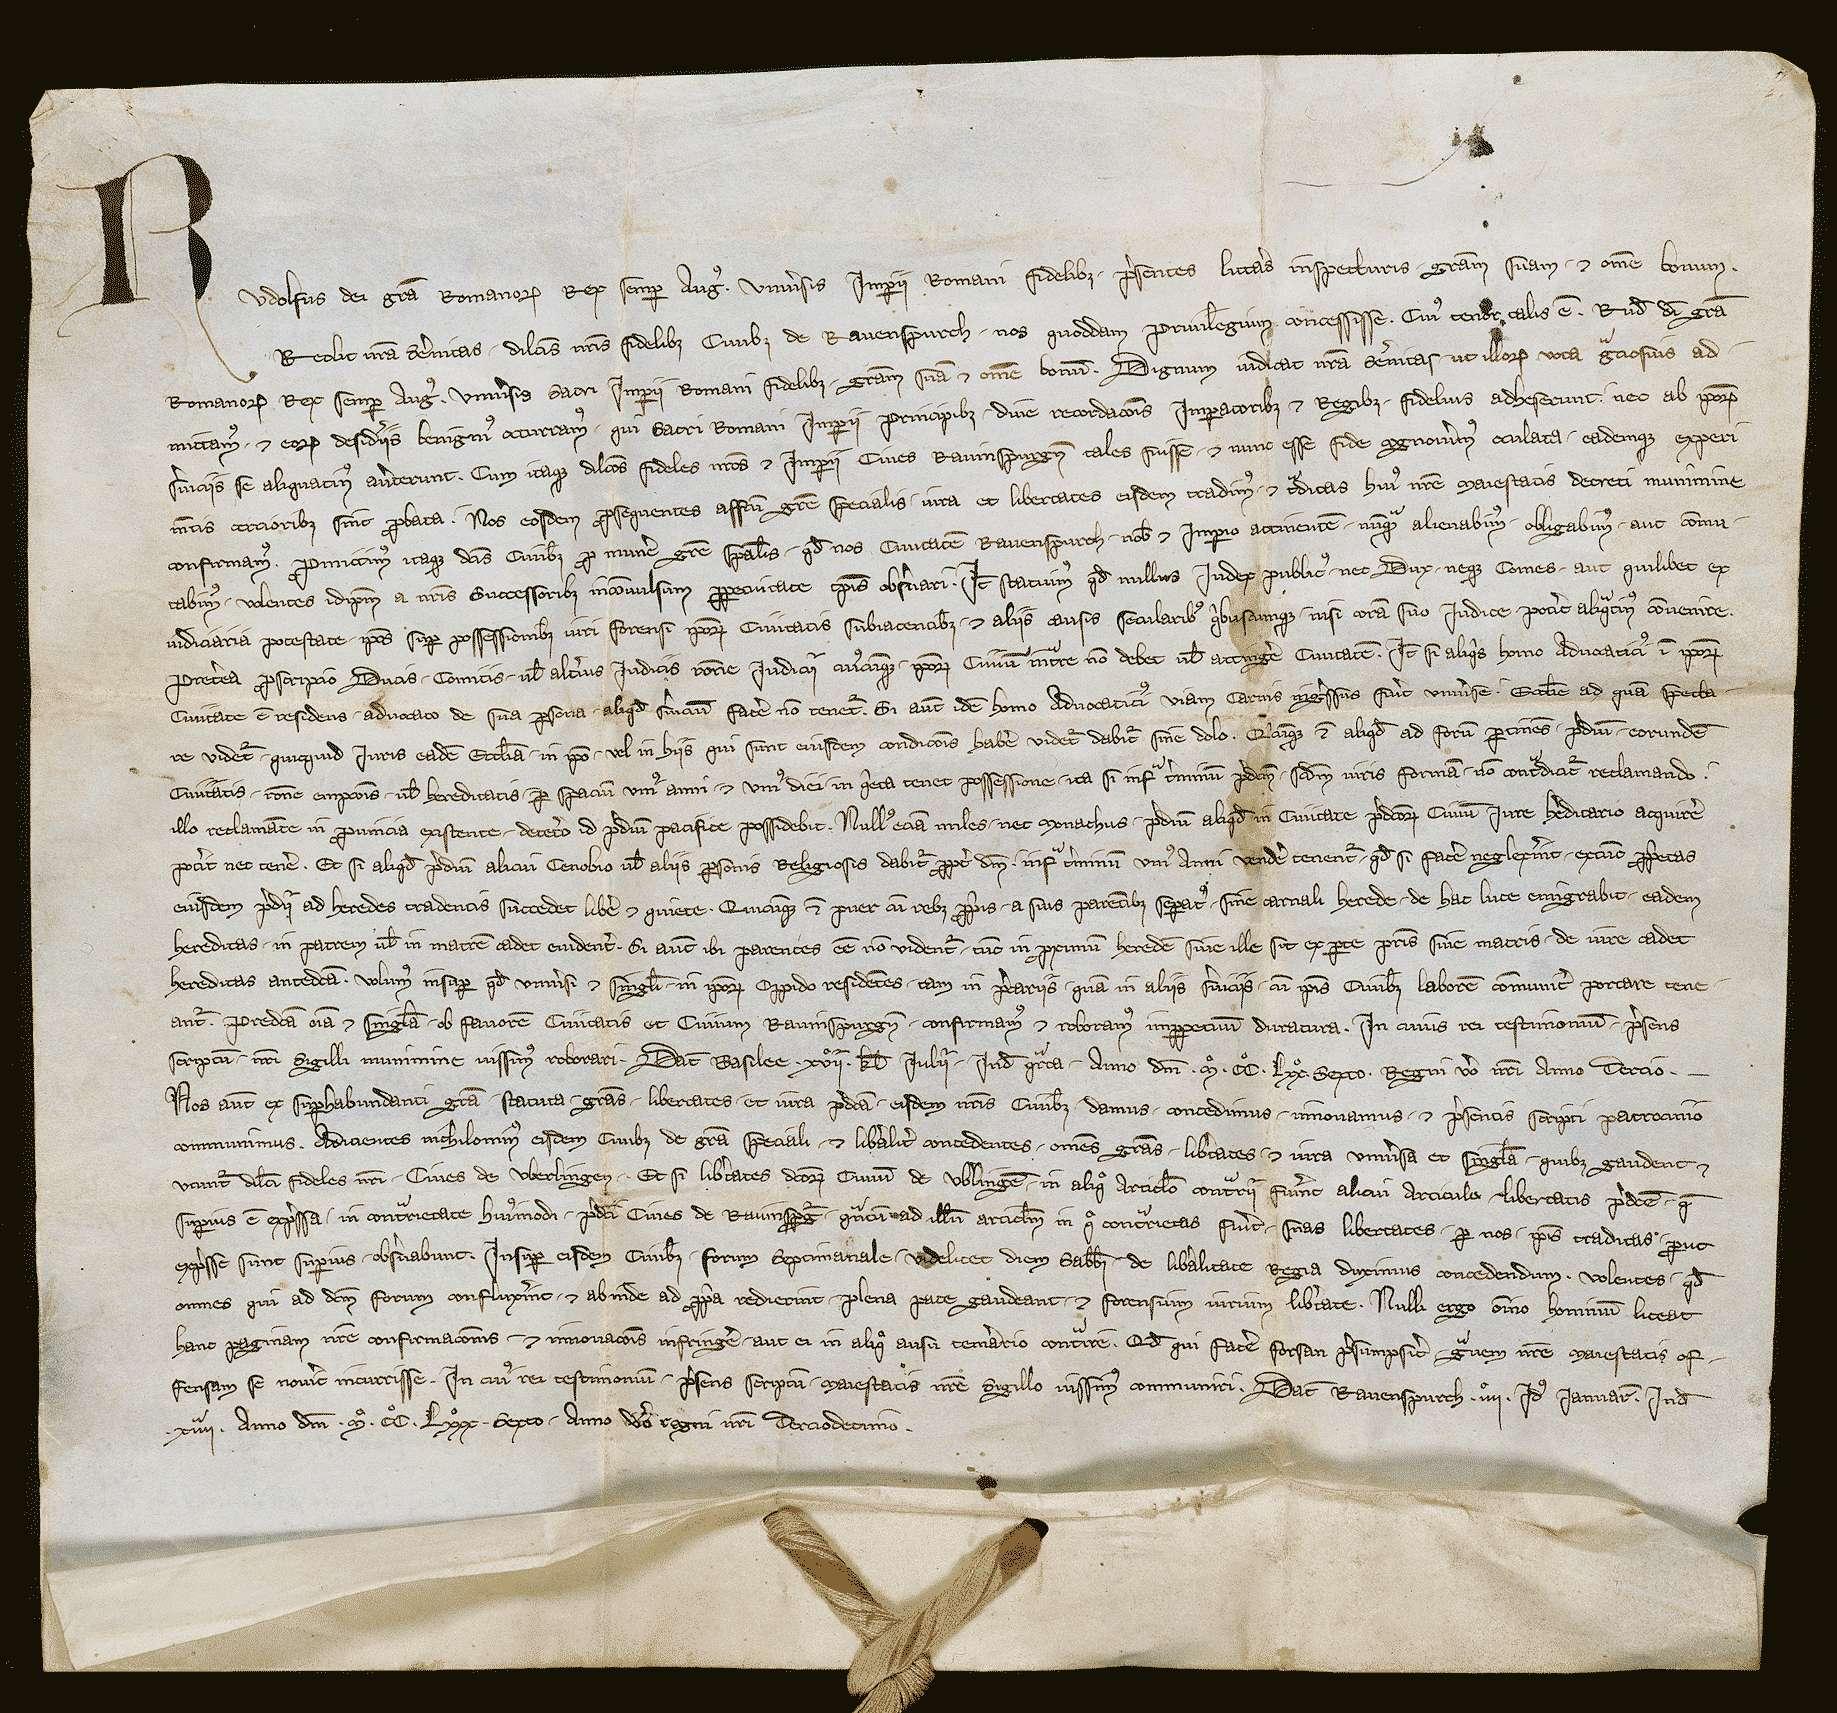 König Rudolf erneuert der Stadt Ravensburg das vor 10 Jahren verliehene Stadtrecht und fügt die Verleihung der Freiheiten von Überlingen und eines Wochenmarkts hinzu., Bild 1